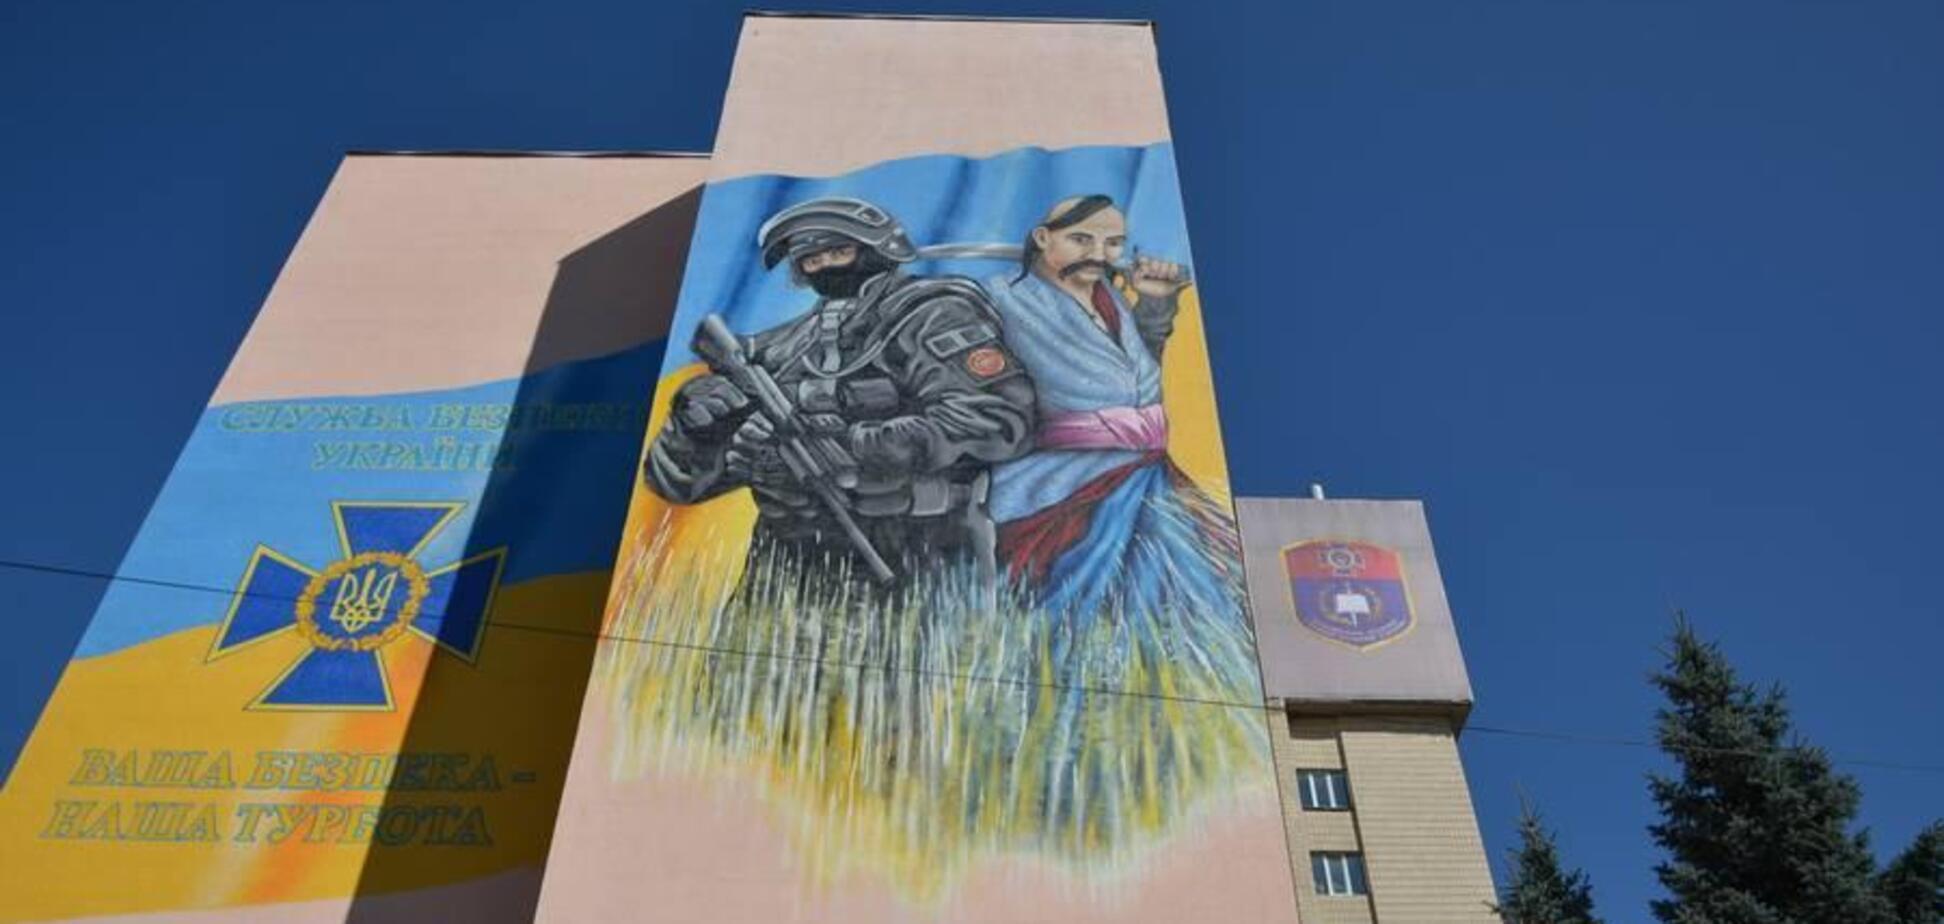 ''Це фсбшник!'' У мережі розгорівся скандал через будівлю СБУ в Києві